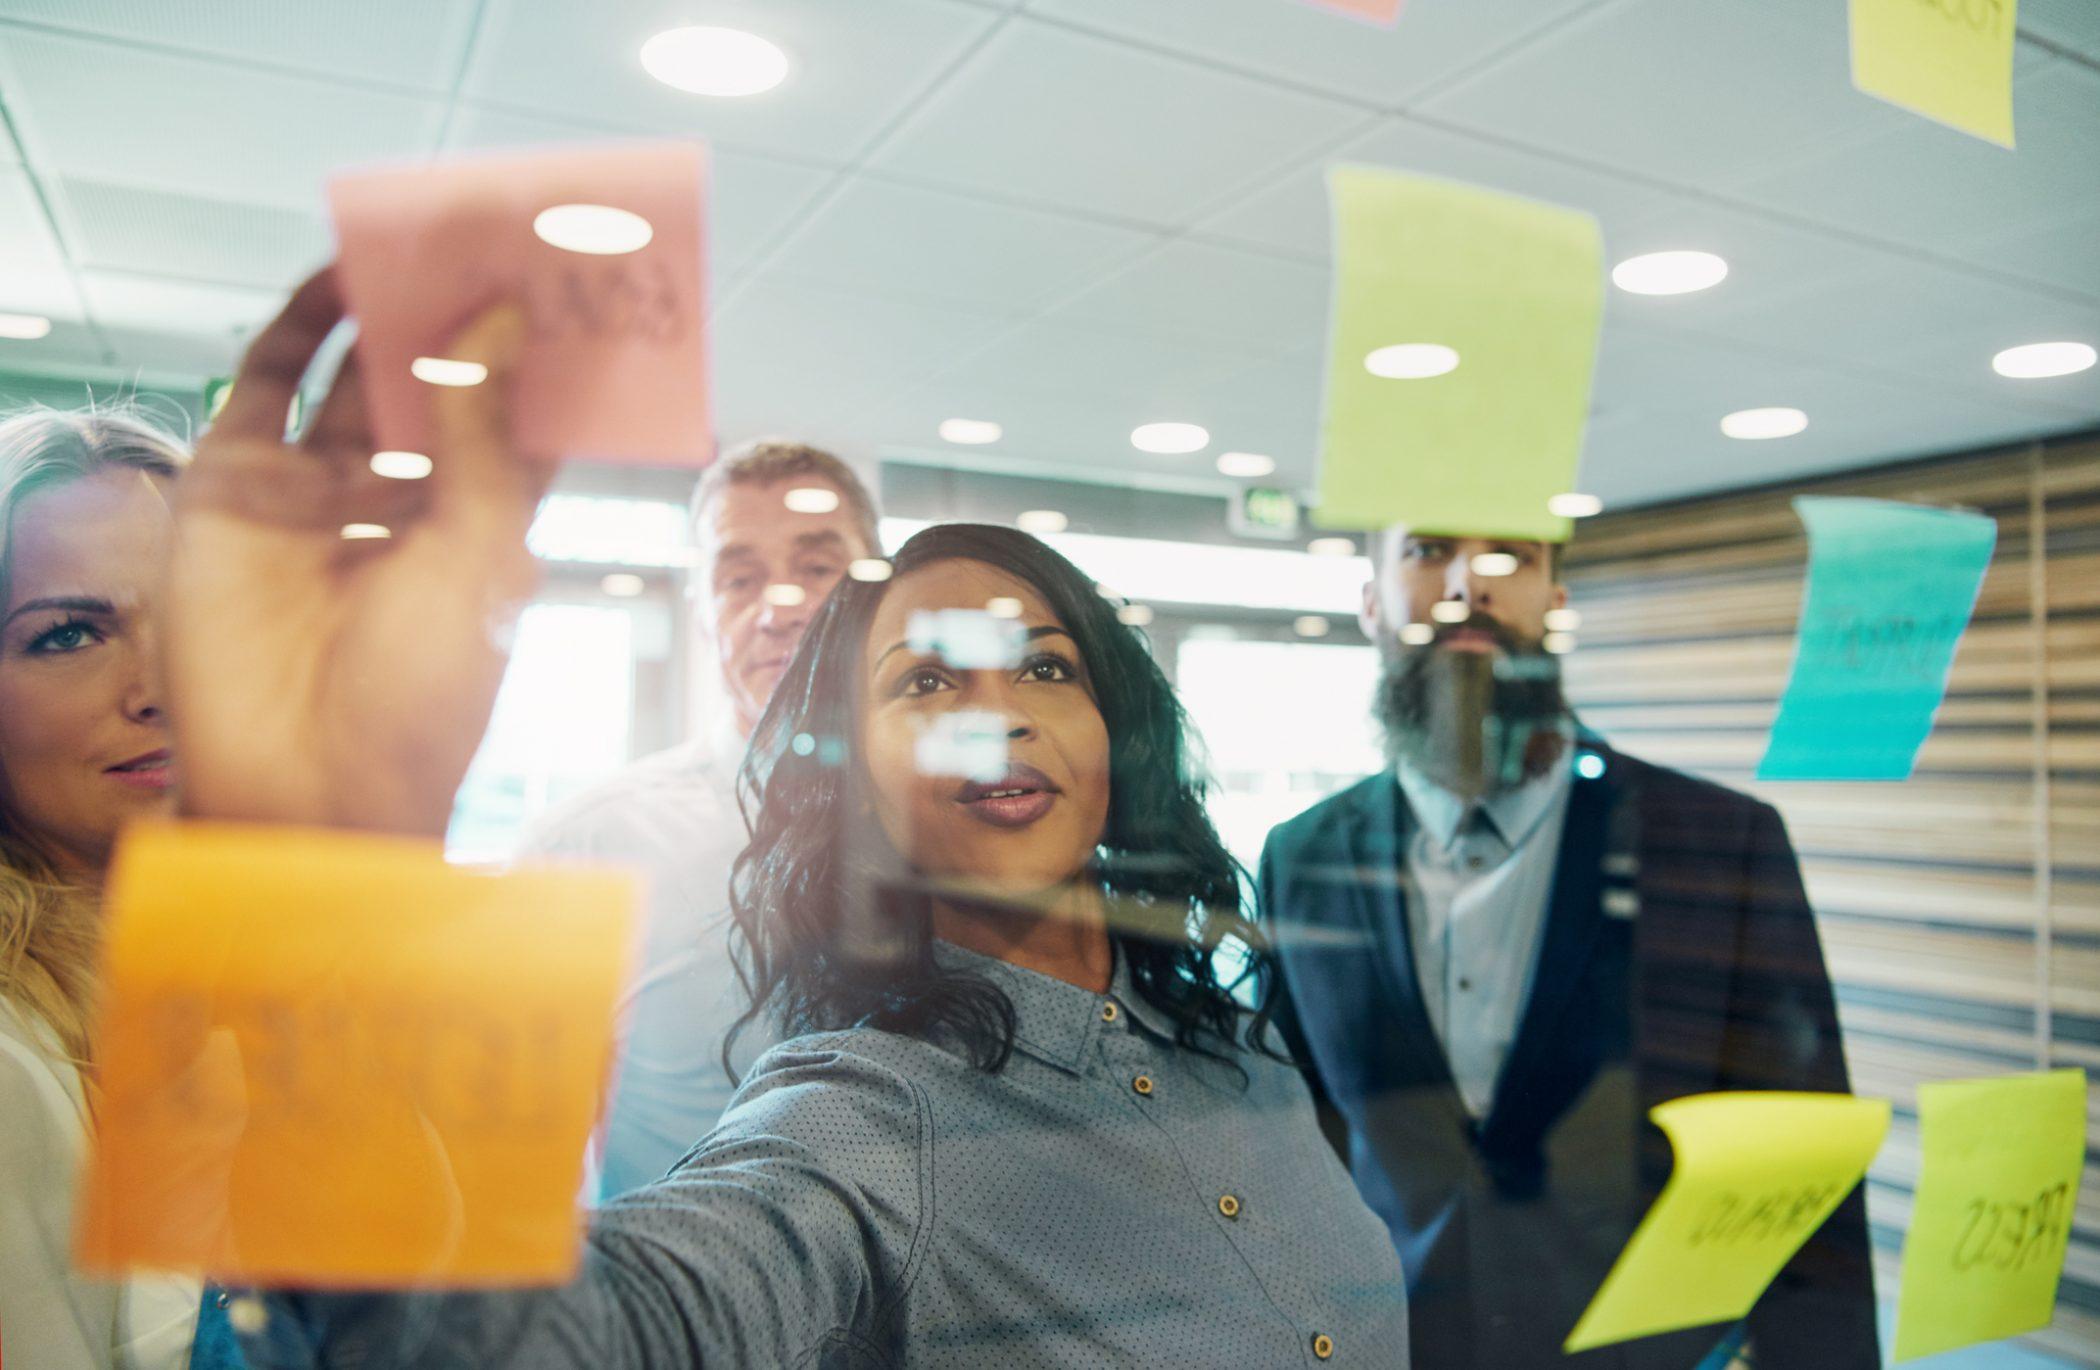 Employee attendance policies